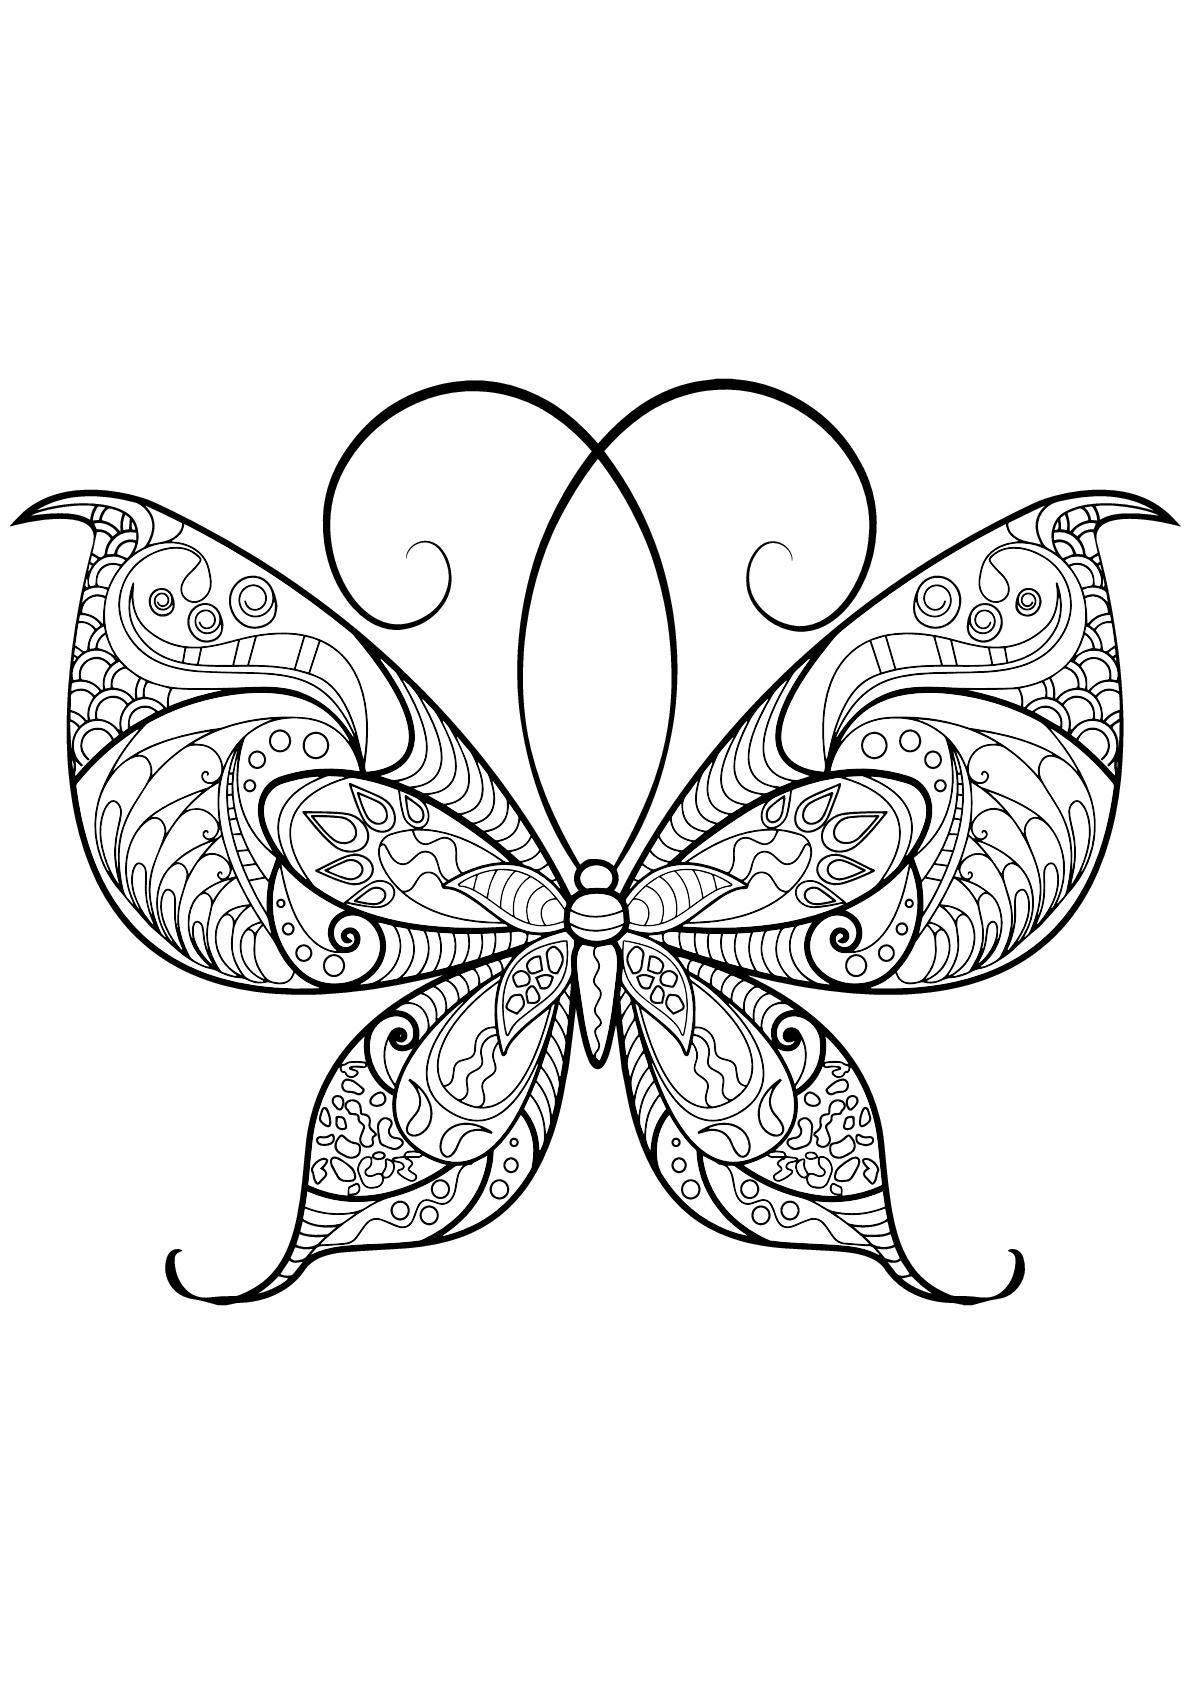 Dessin De Papillons Gratuit À Télécharger Et Colorier intérieur Dessin Papillon À Colorier